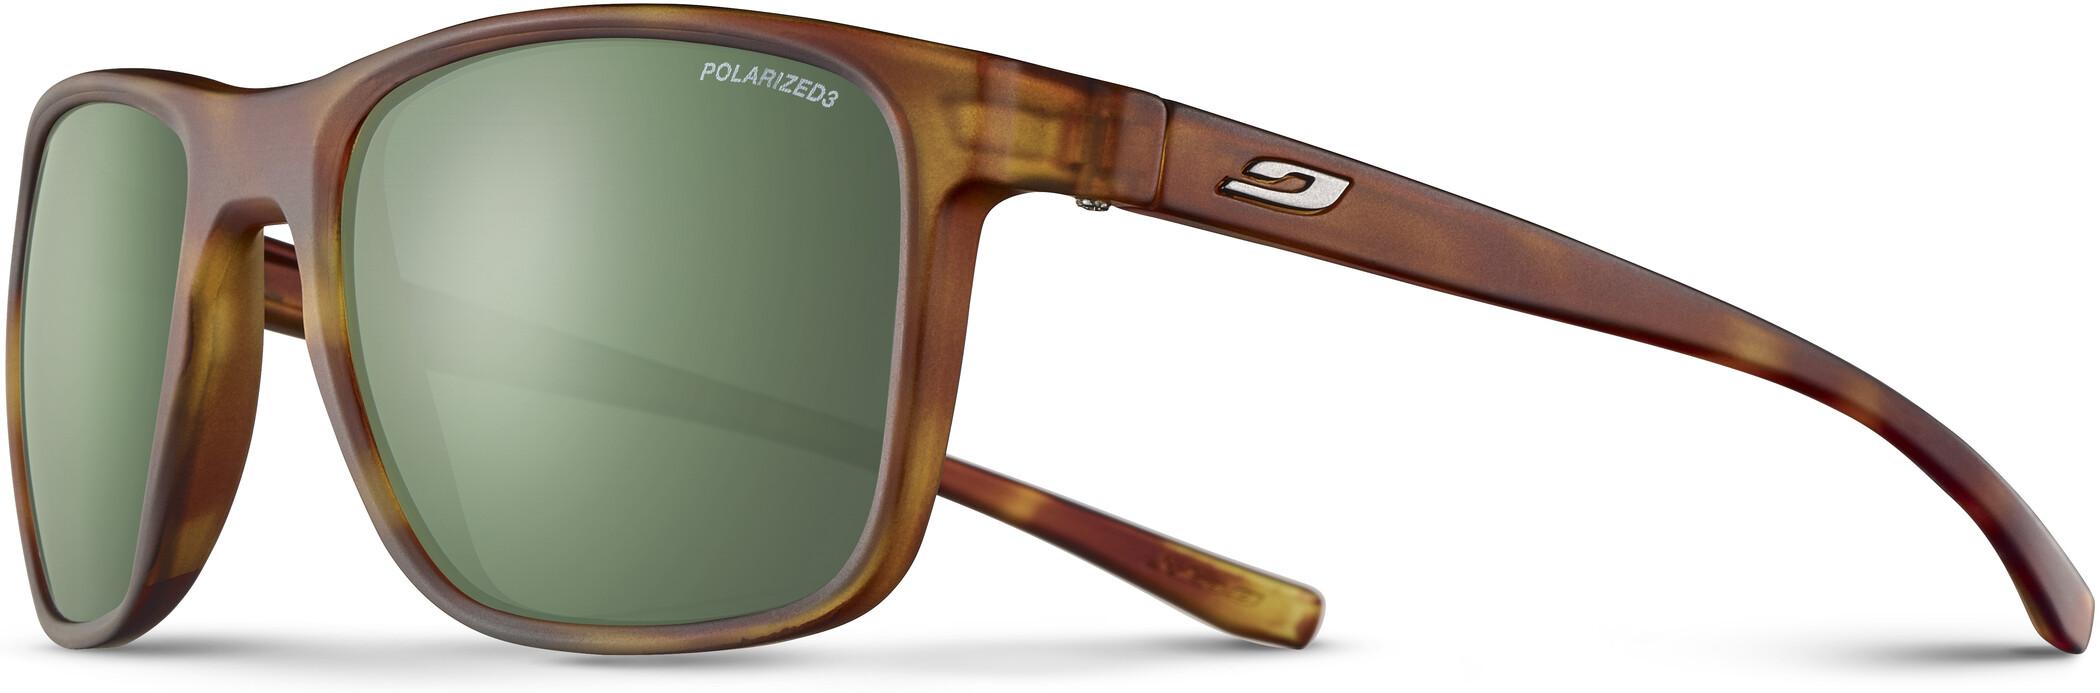 Julbo Trip Polarized 3 Solbriller Herrer, brown tortoiseshell | Briller